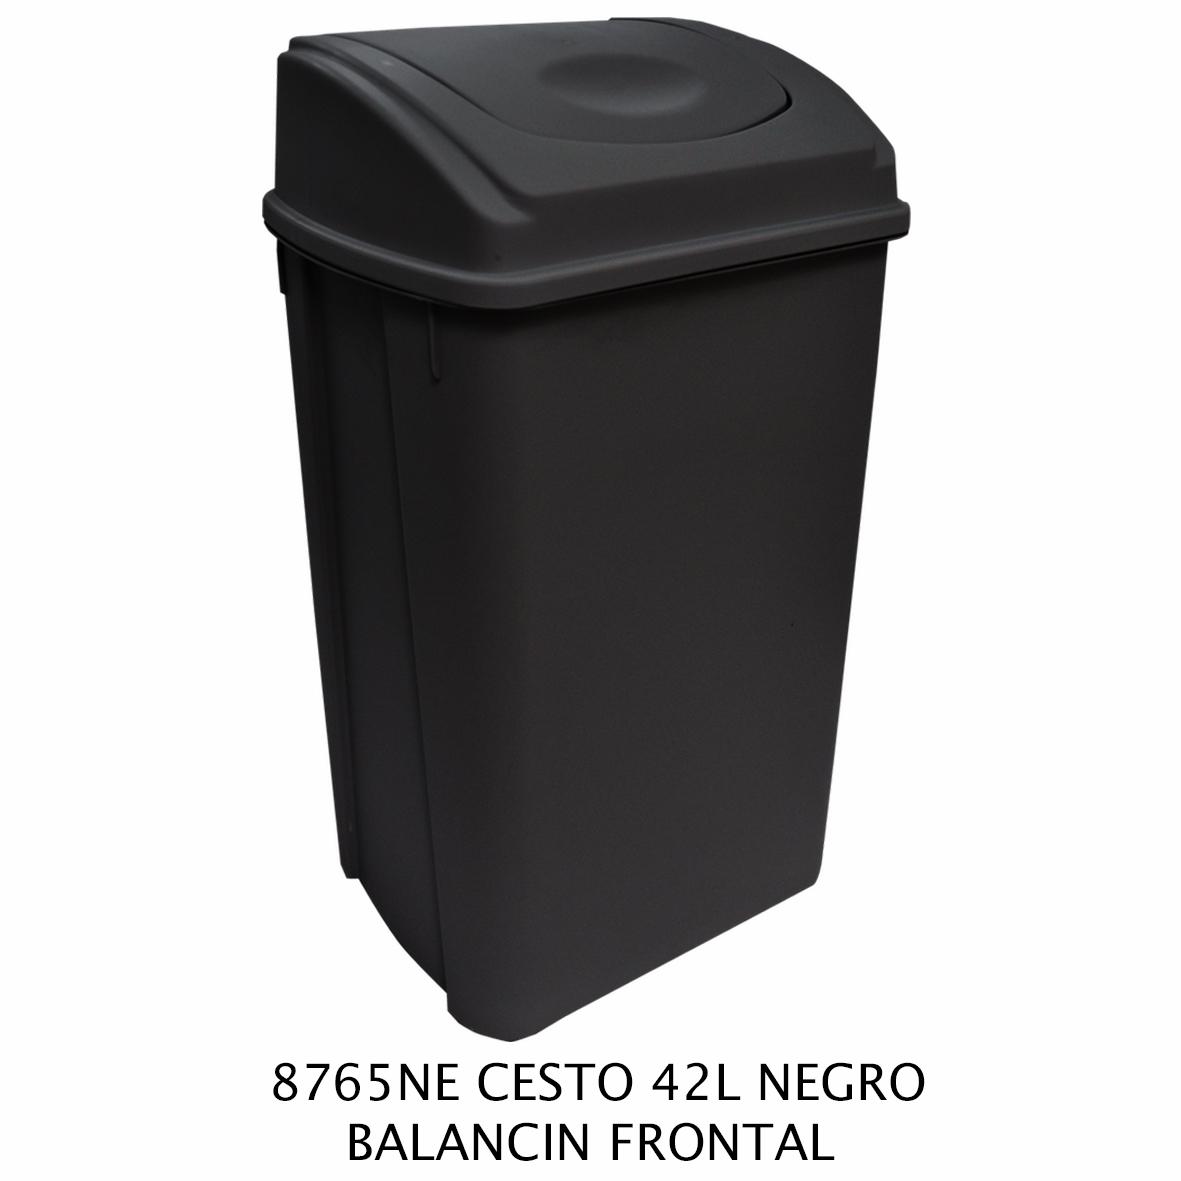 Bote de basura de 42 litros con balancín frontal color negro modelo 8765NE de Sablón